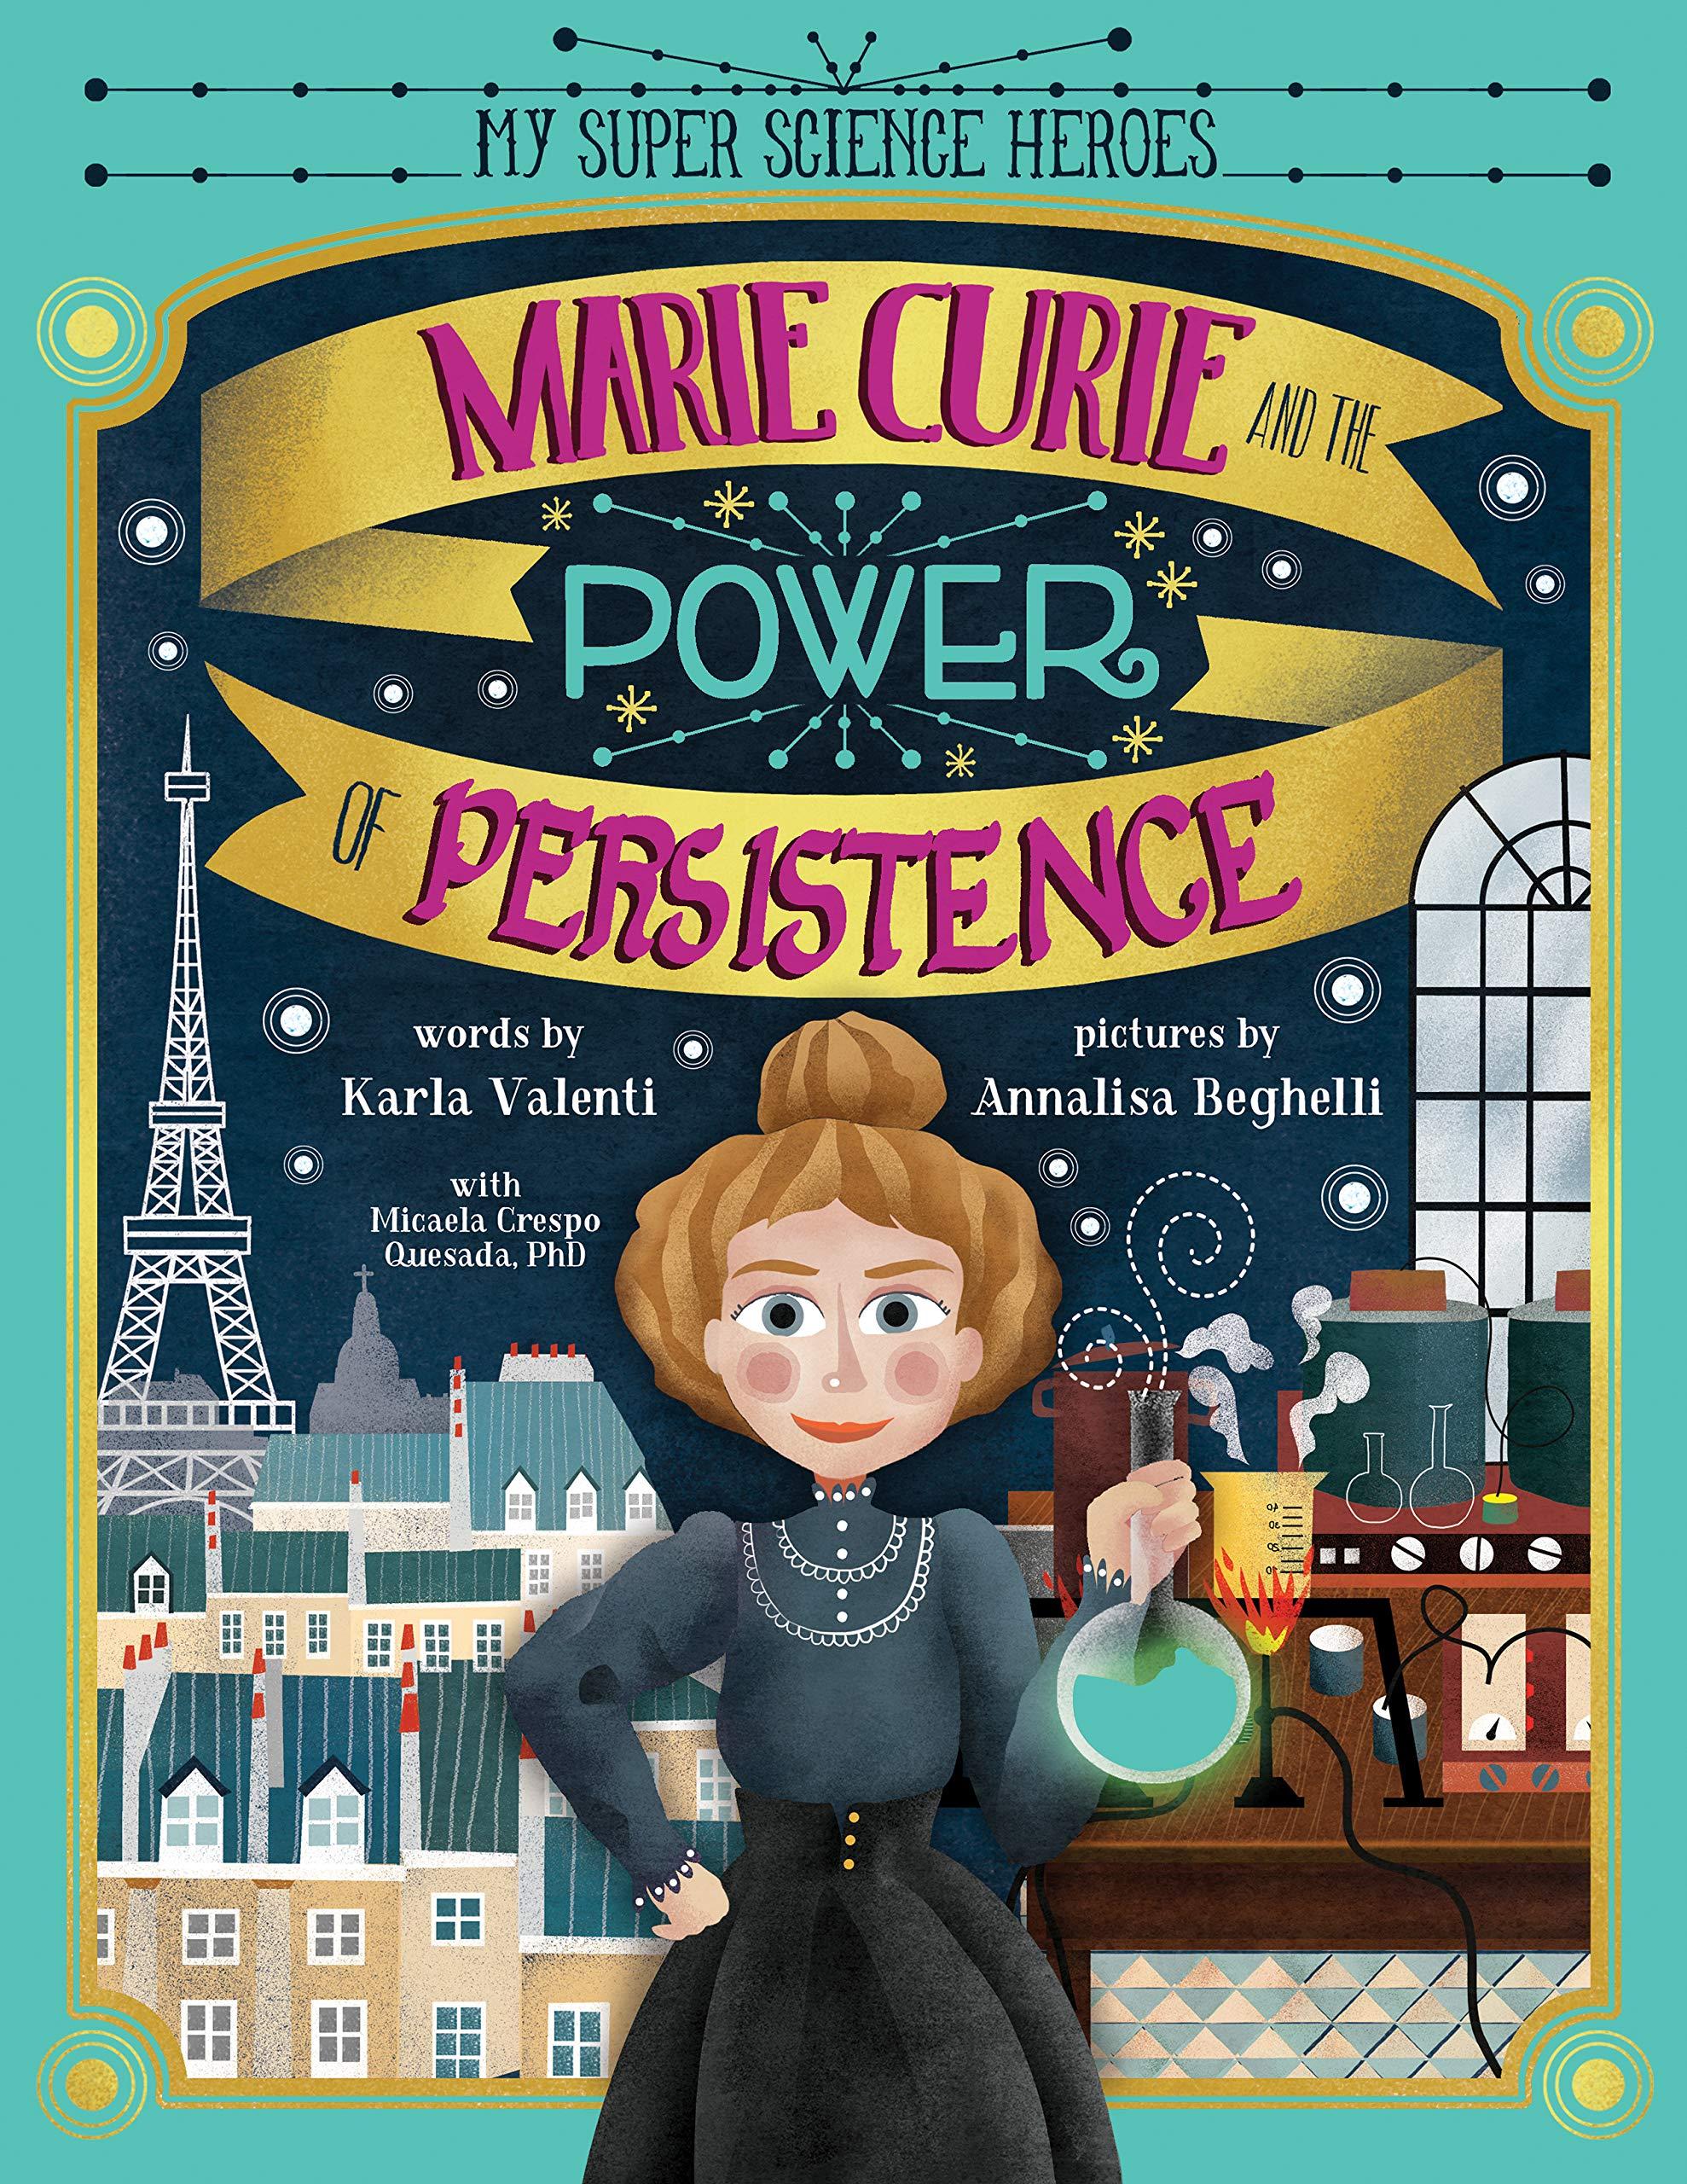 Madame Curie Valenti